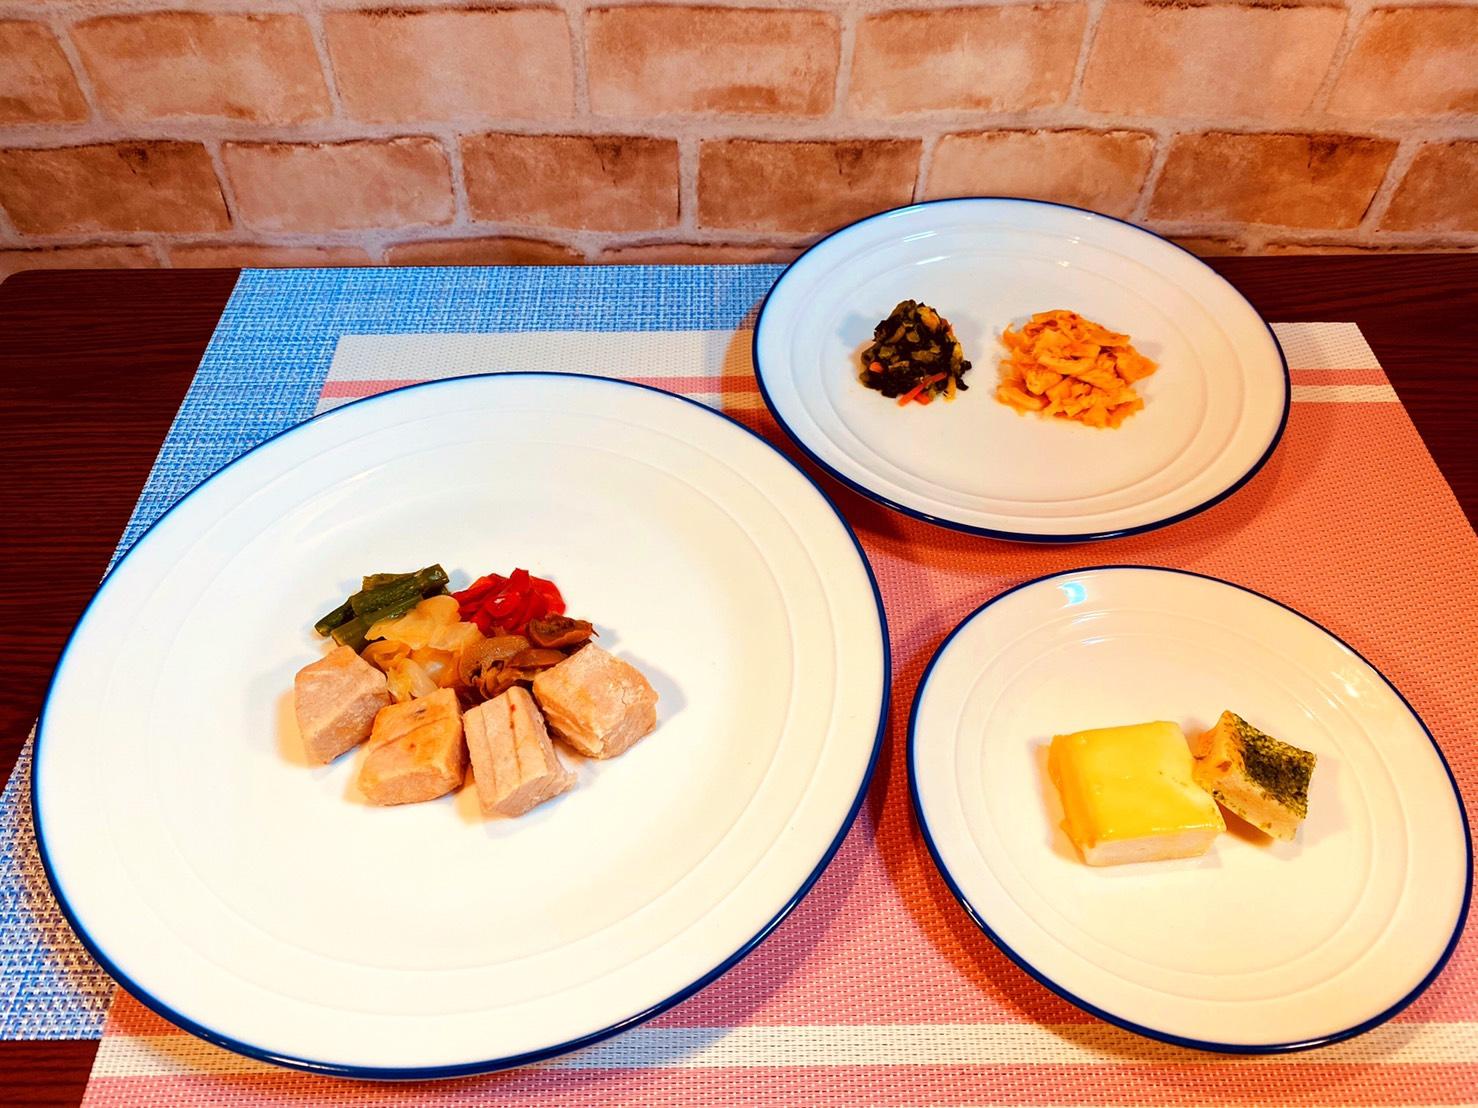 (メニューの一例)かじきの洋風炒め、チーズはんぺん、鶏肉とメンマのごま油炒め、菜の花おひたし